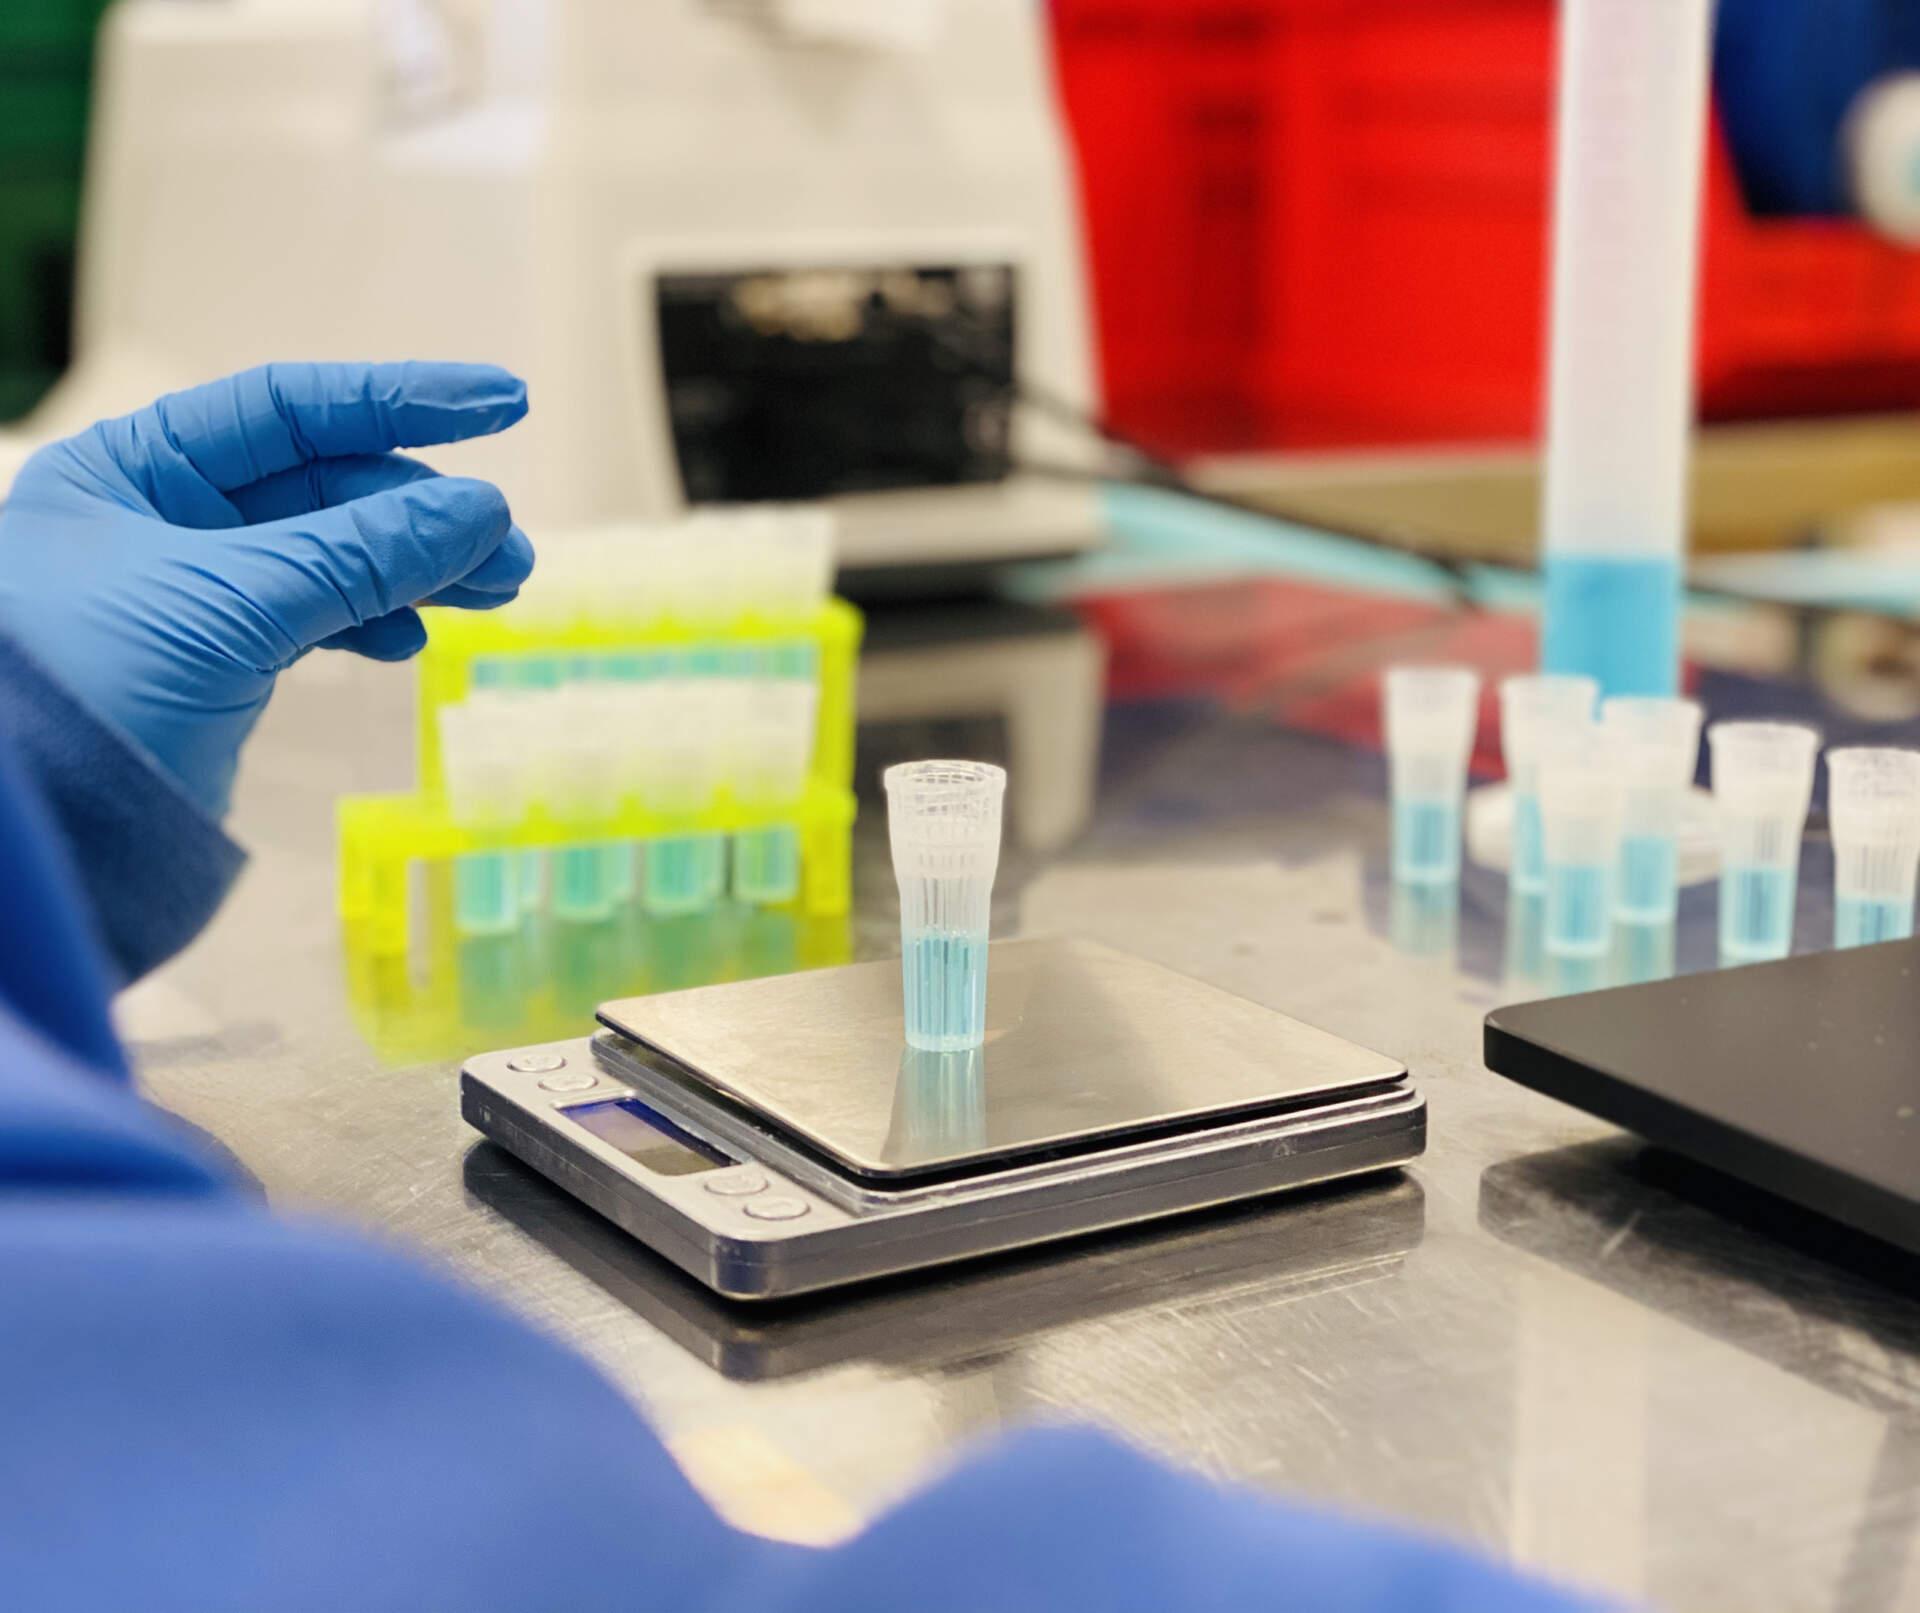 SpectrumDNA-Blue Preservation Solution